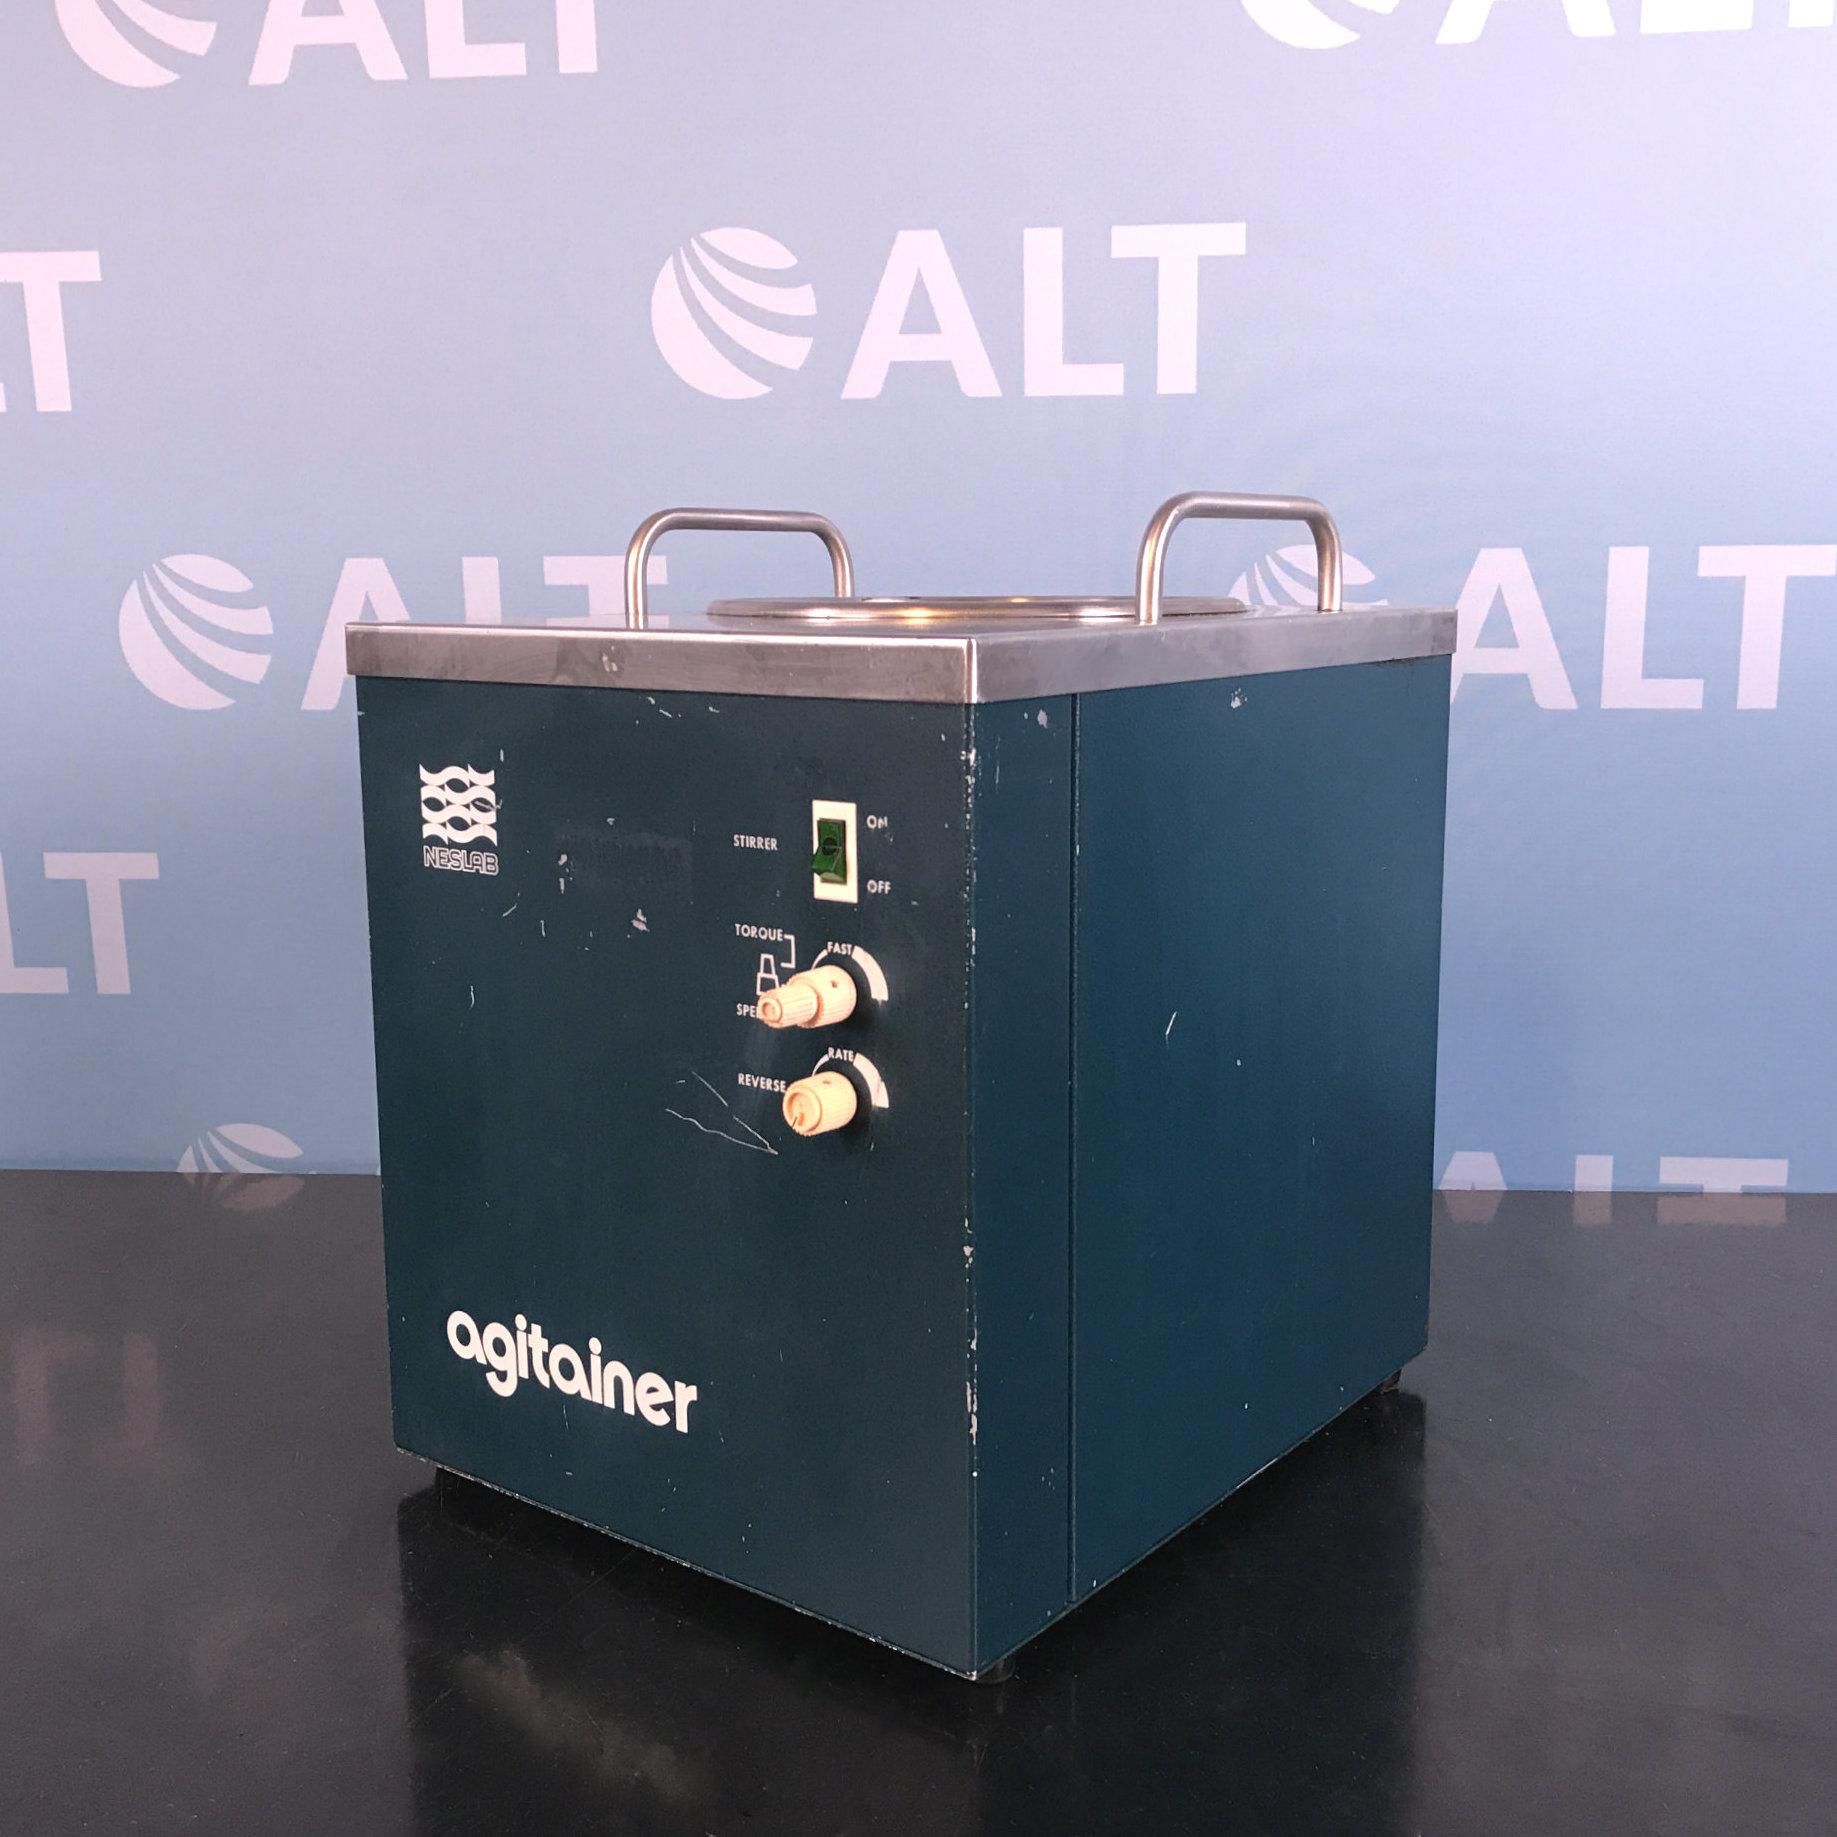 Neslab Agitainer Reservoir Immersion Cooler Image